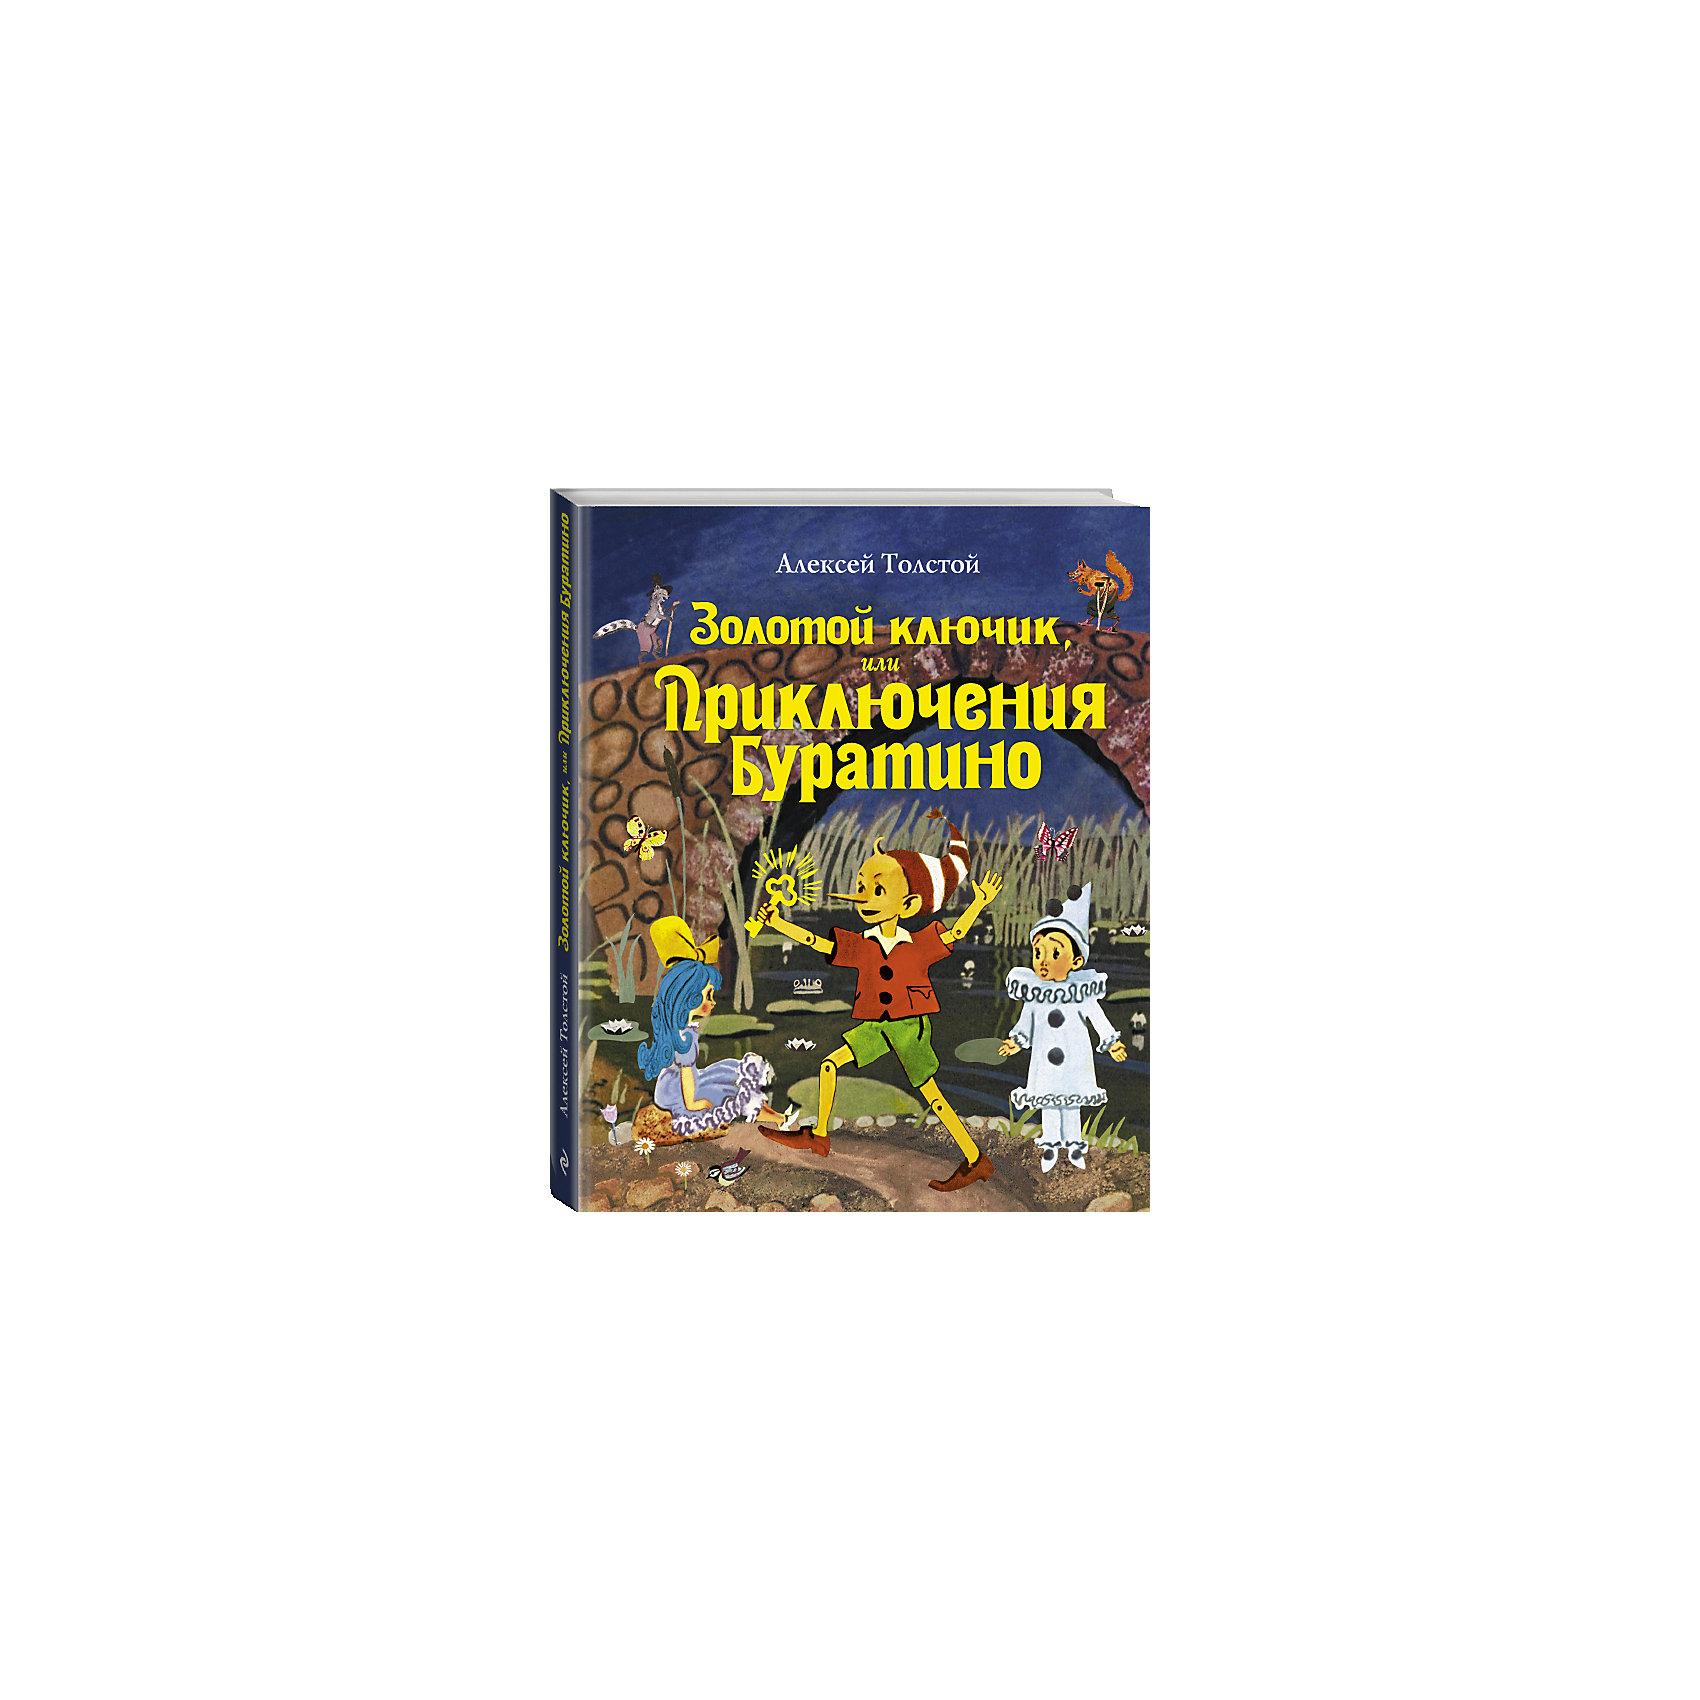 Золотой ключик, или Приключения Буратино, ил. Е. МешковаРусские сказки<br>Характеристики товара: <br><br>• ISBN: 9785699672646<br>• возраст от: 5 лет<br>• формат: 84x108/16<br>• бумага: офсетная<br>• обложка: твердая<br>• иллюстрации: цветные<br>• серия: Золотые сказки для детей<br>• издательство: Эксмо<br>• автор: Толстой Алексей Николаевич<br>• художник: Е. Мешков<br>• количество страниц: 152<br>• размеры: 26x20 см<br><br>Есть сказки, которые остаются актуальными и любимыми многими поколениями. В книге «Золотой ключик, или Приключения Буратино» знаменитого русского писателя рассказывается известная история о приключениях кукол.<br><br>Отличное качество издания, красочные иллюстрации известного художника - всё это поможет проникнуться атмосферой любимых историй.<br><br>Книгу «Золотой ключик, или Приключения Буратино (ил. Е. Мешкова)» можно купить в нашем интернет-магазине.<br><br>Ширина мм: 240<br>Глубина мм: 197<br>Высота мм: 150<br>Вес г: 766<br>Возраст от месяцев: 72<br>Возраст до месяцев: 2147483647<br>Пол: Унисекс<br>Возраст: Детский<br>SKU: 5535363